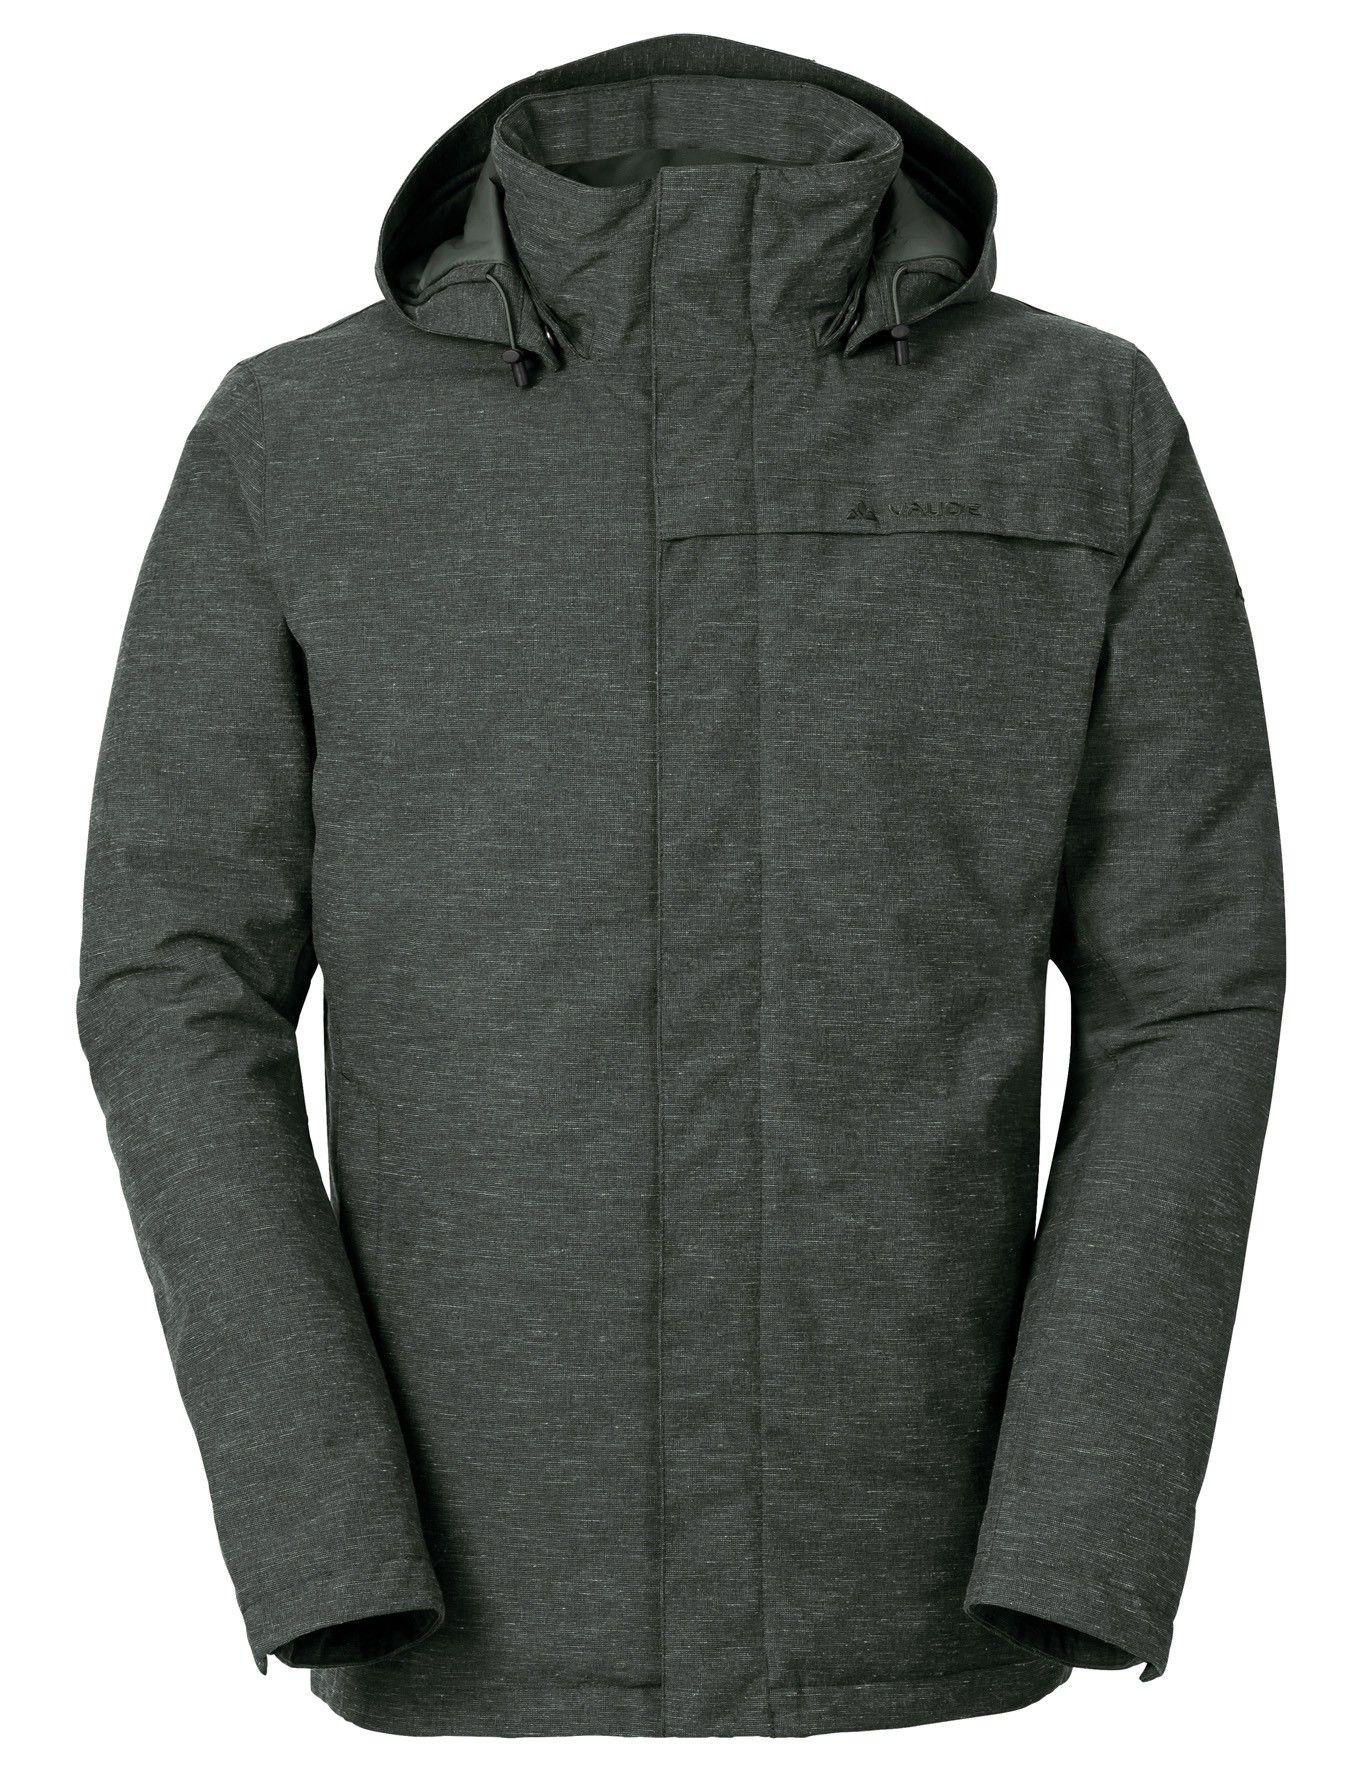 Vaude Mens Limford Jacket III | Größe S,M,L,XL,XXL,XXXL | Herren Freizeitjacke